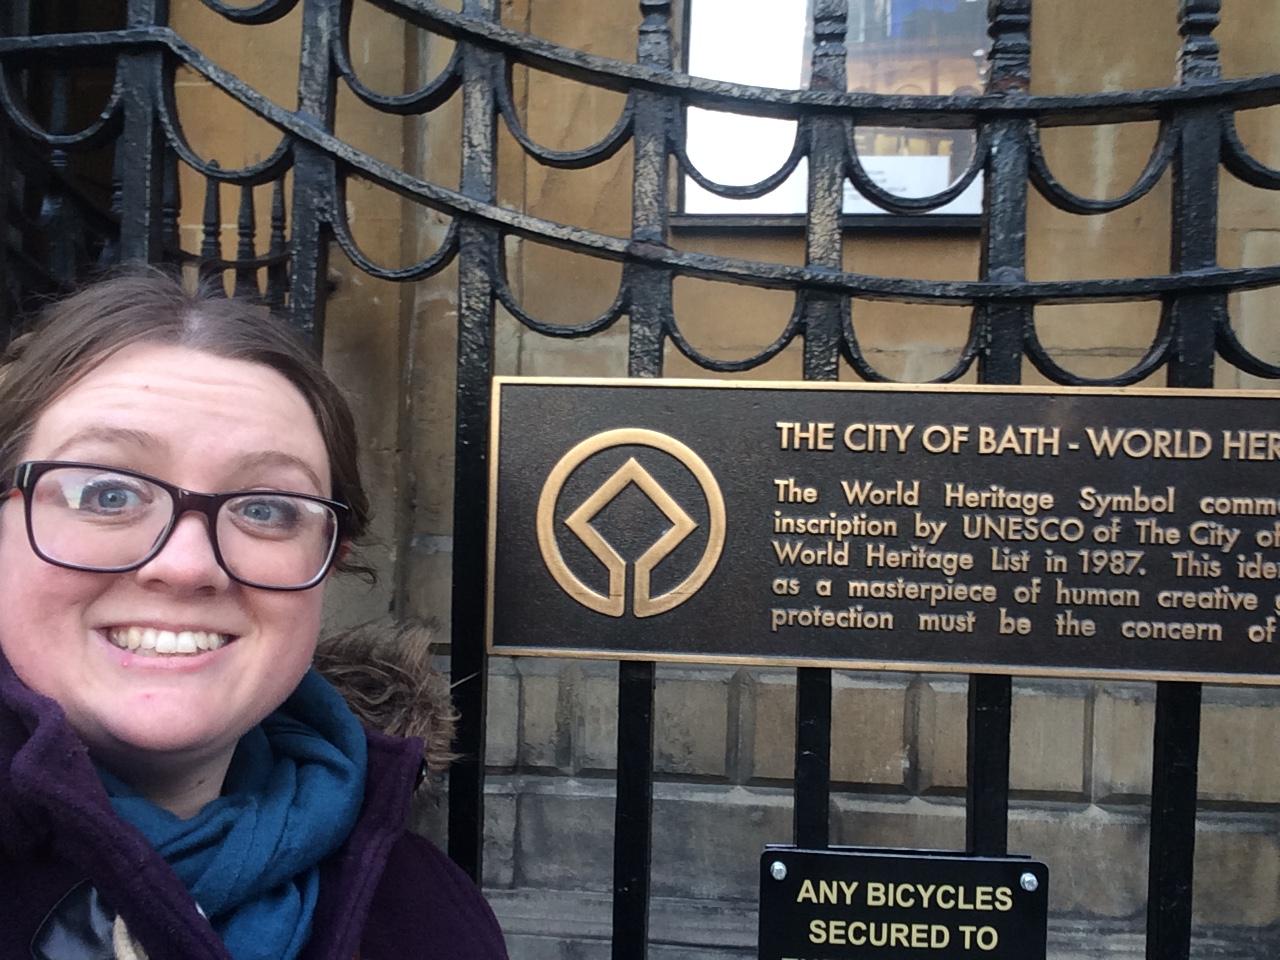 Bath Georgian architecture fans